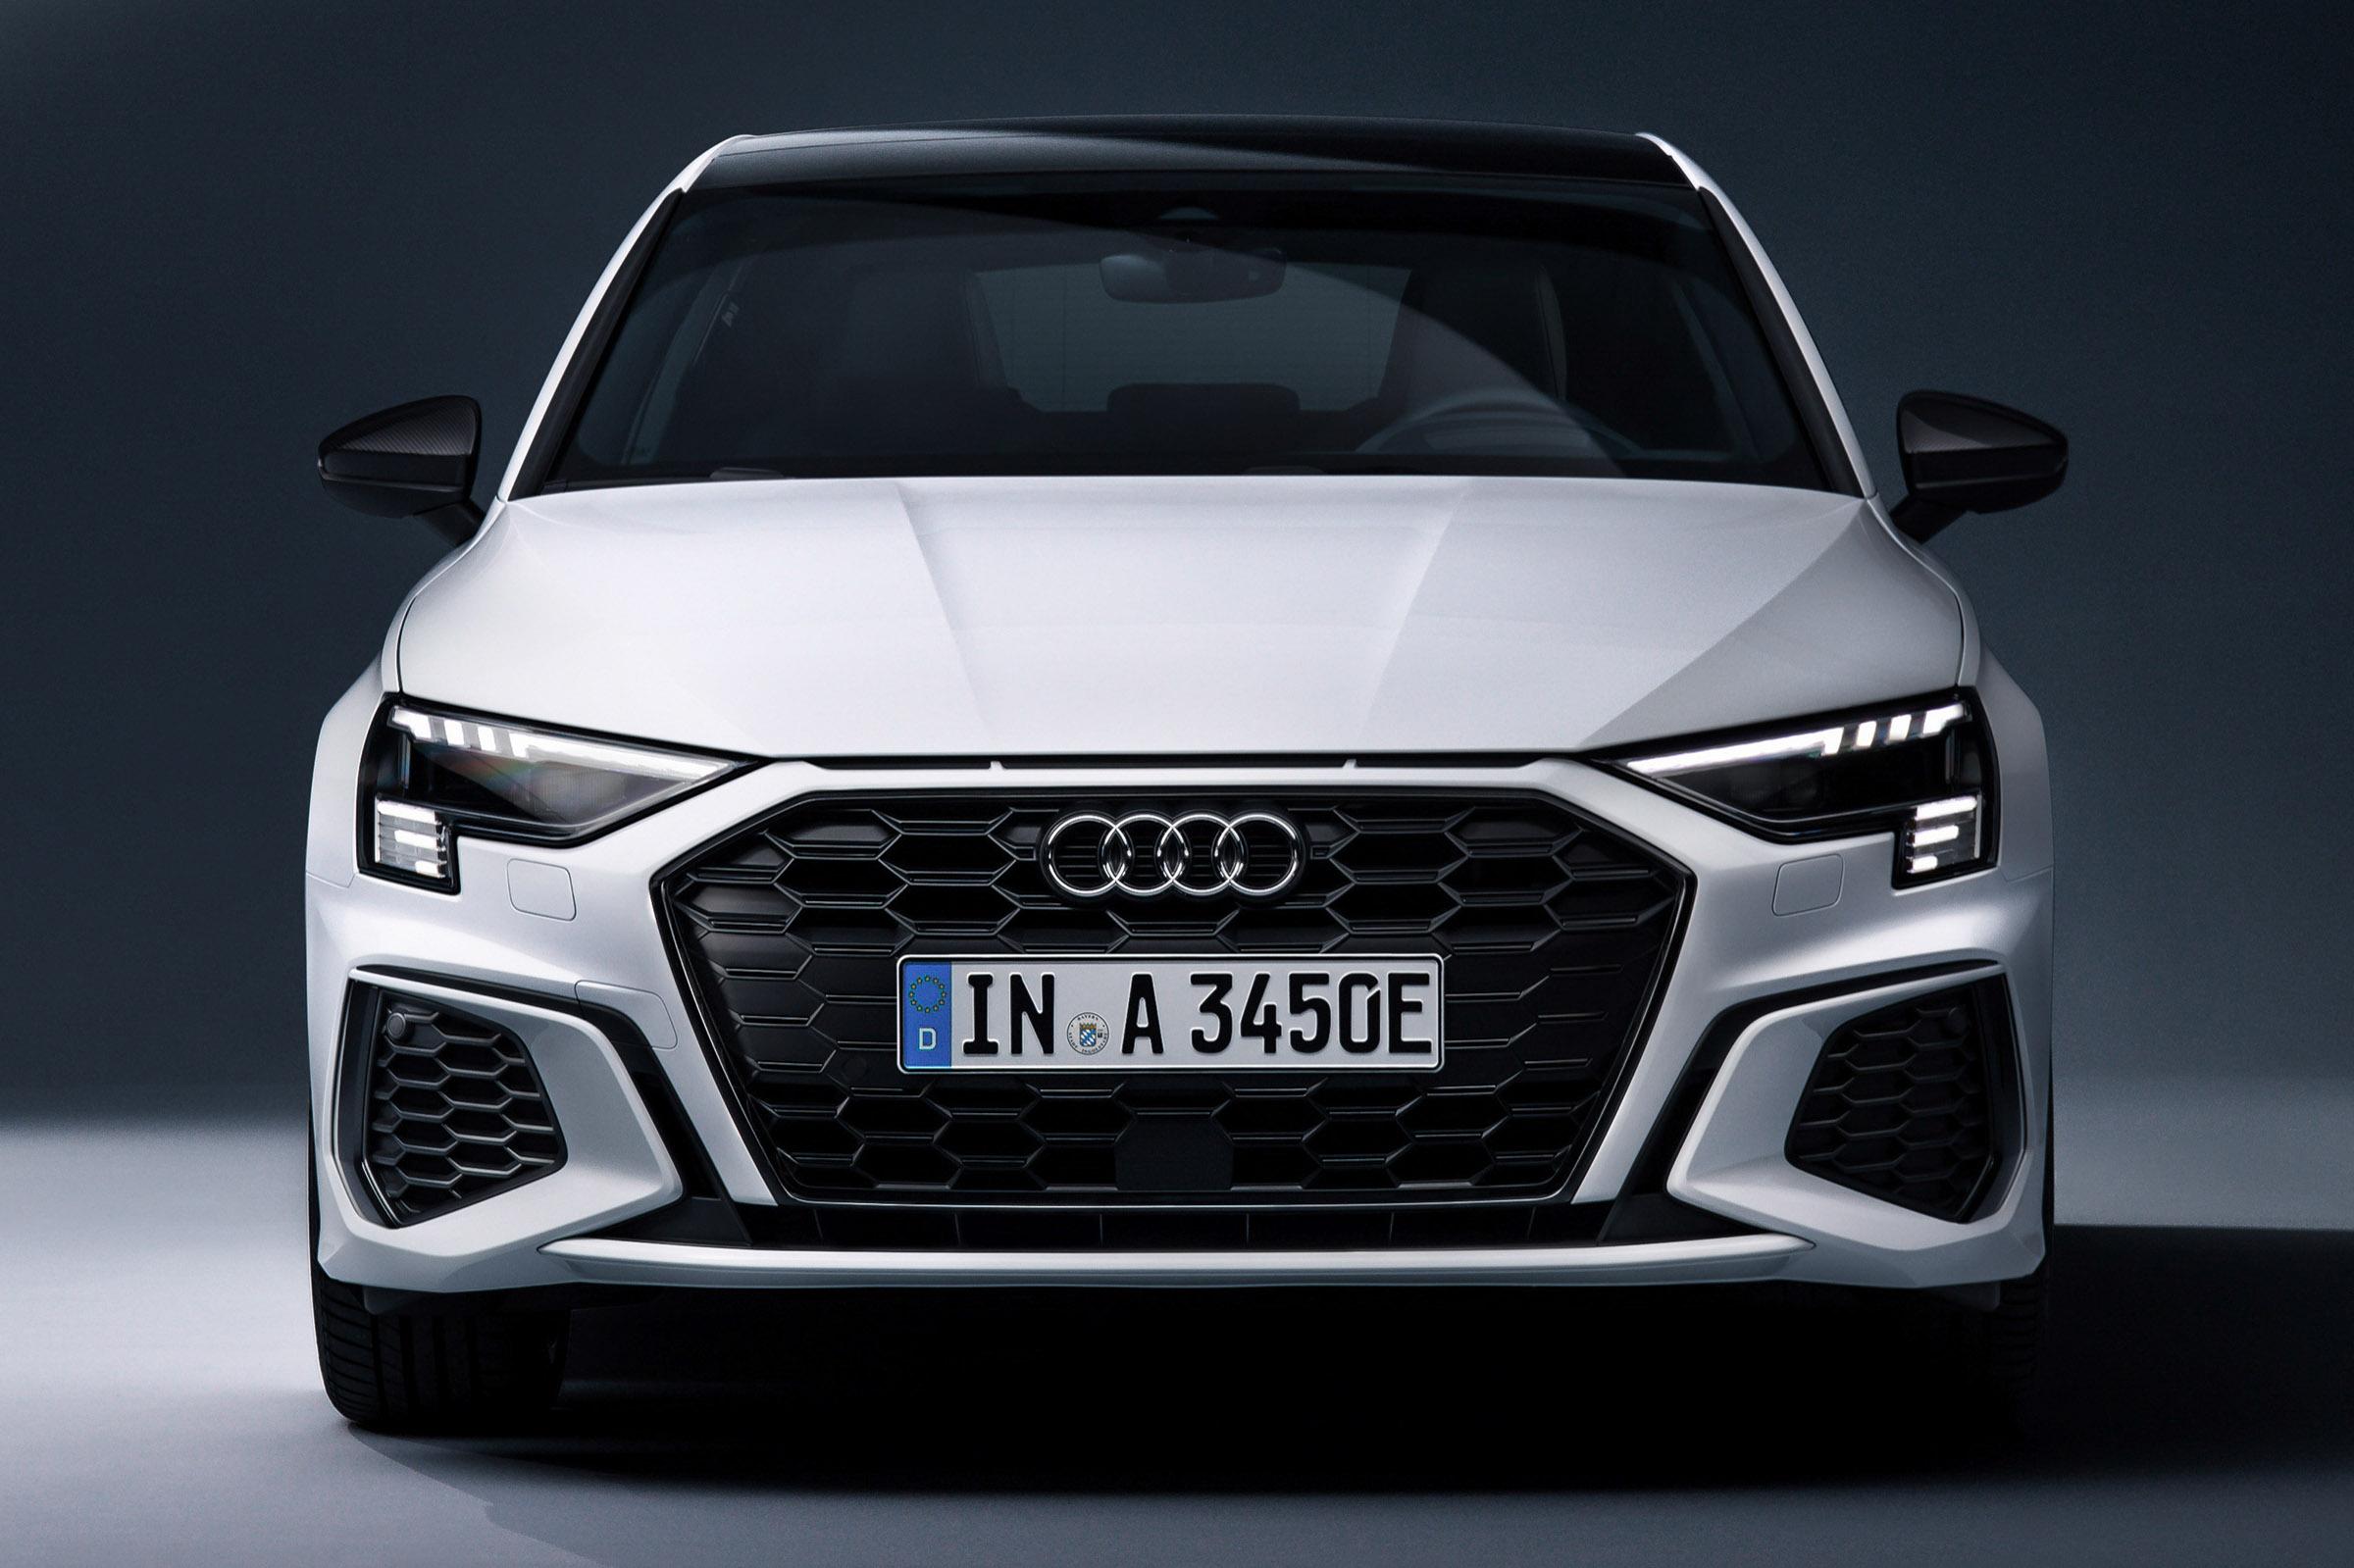 2021 Audi A3 Sportback 45 TFSI e debuts - 1.4L PHEV with ...